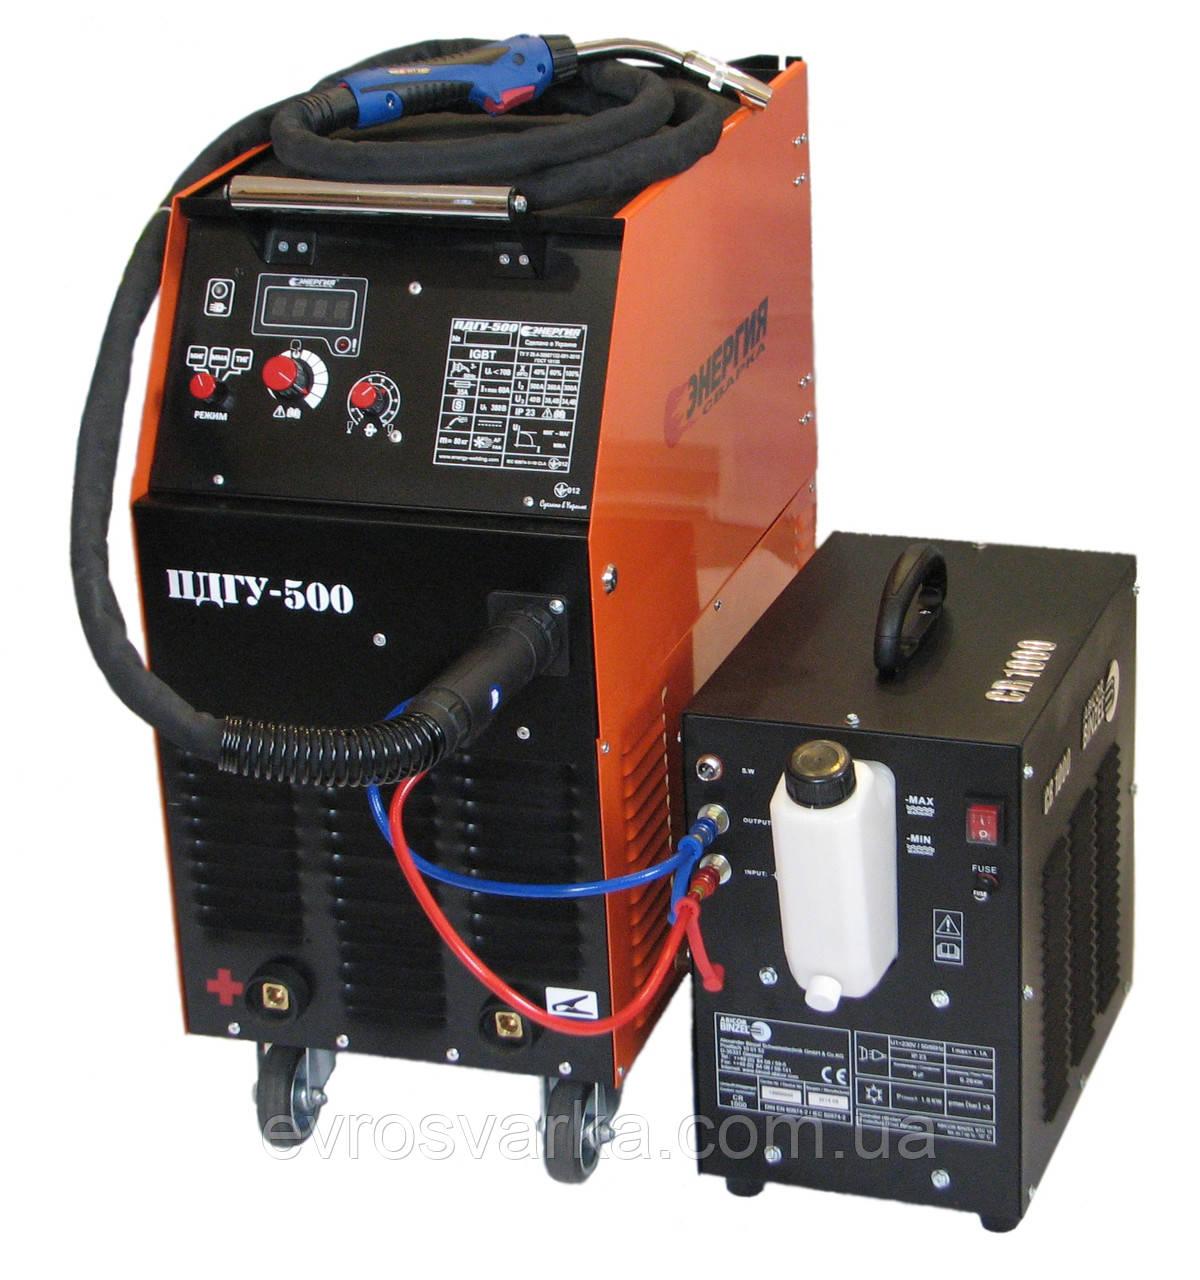 Сварочный полуавтомат ПДГУ-500 (Инвертор)